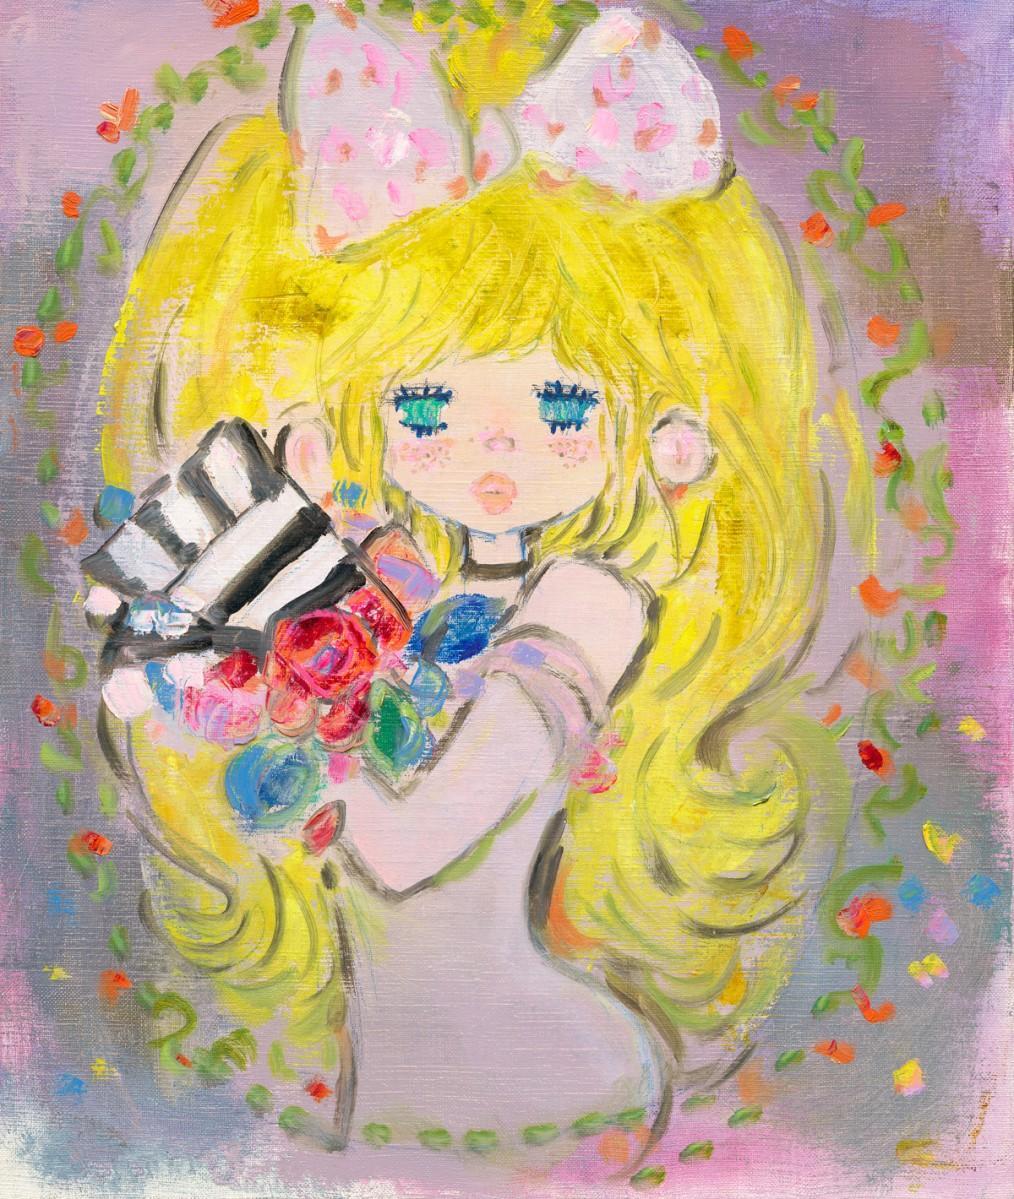 新作「RoseRoom」版画(45×37センチメートル)154,000円(C)Ado Mizumori